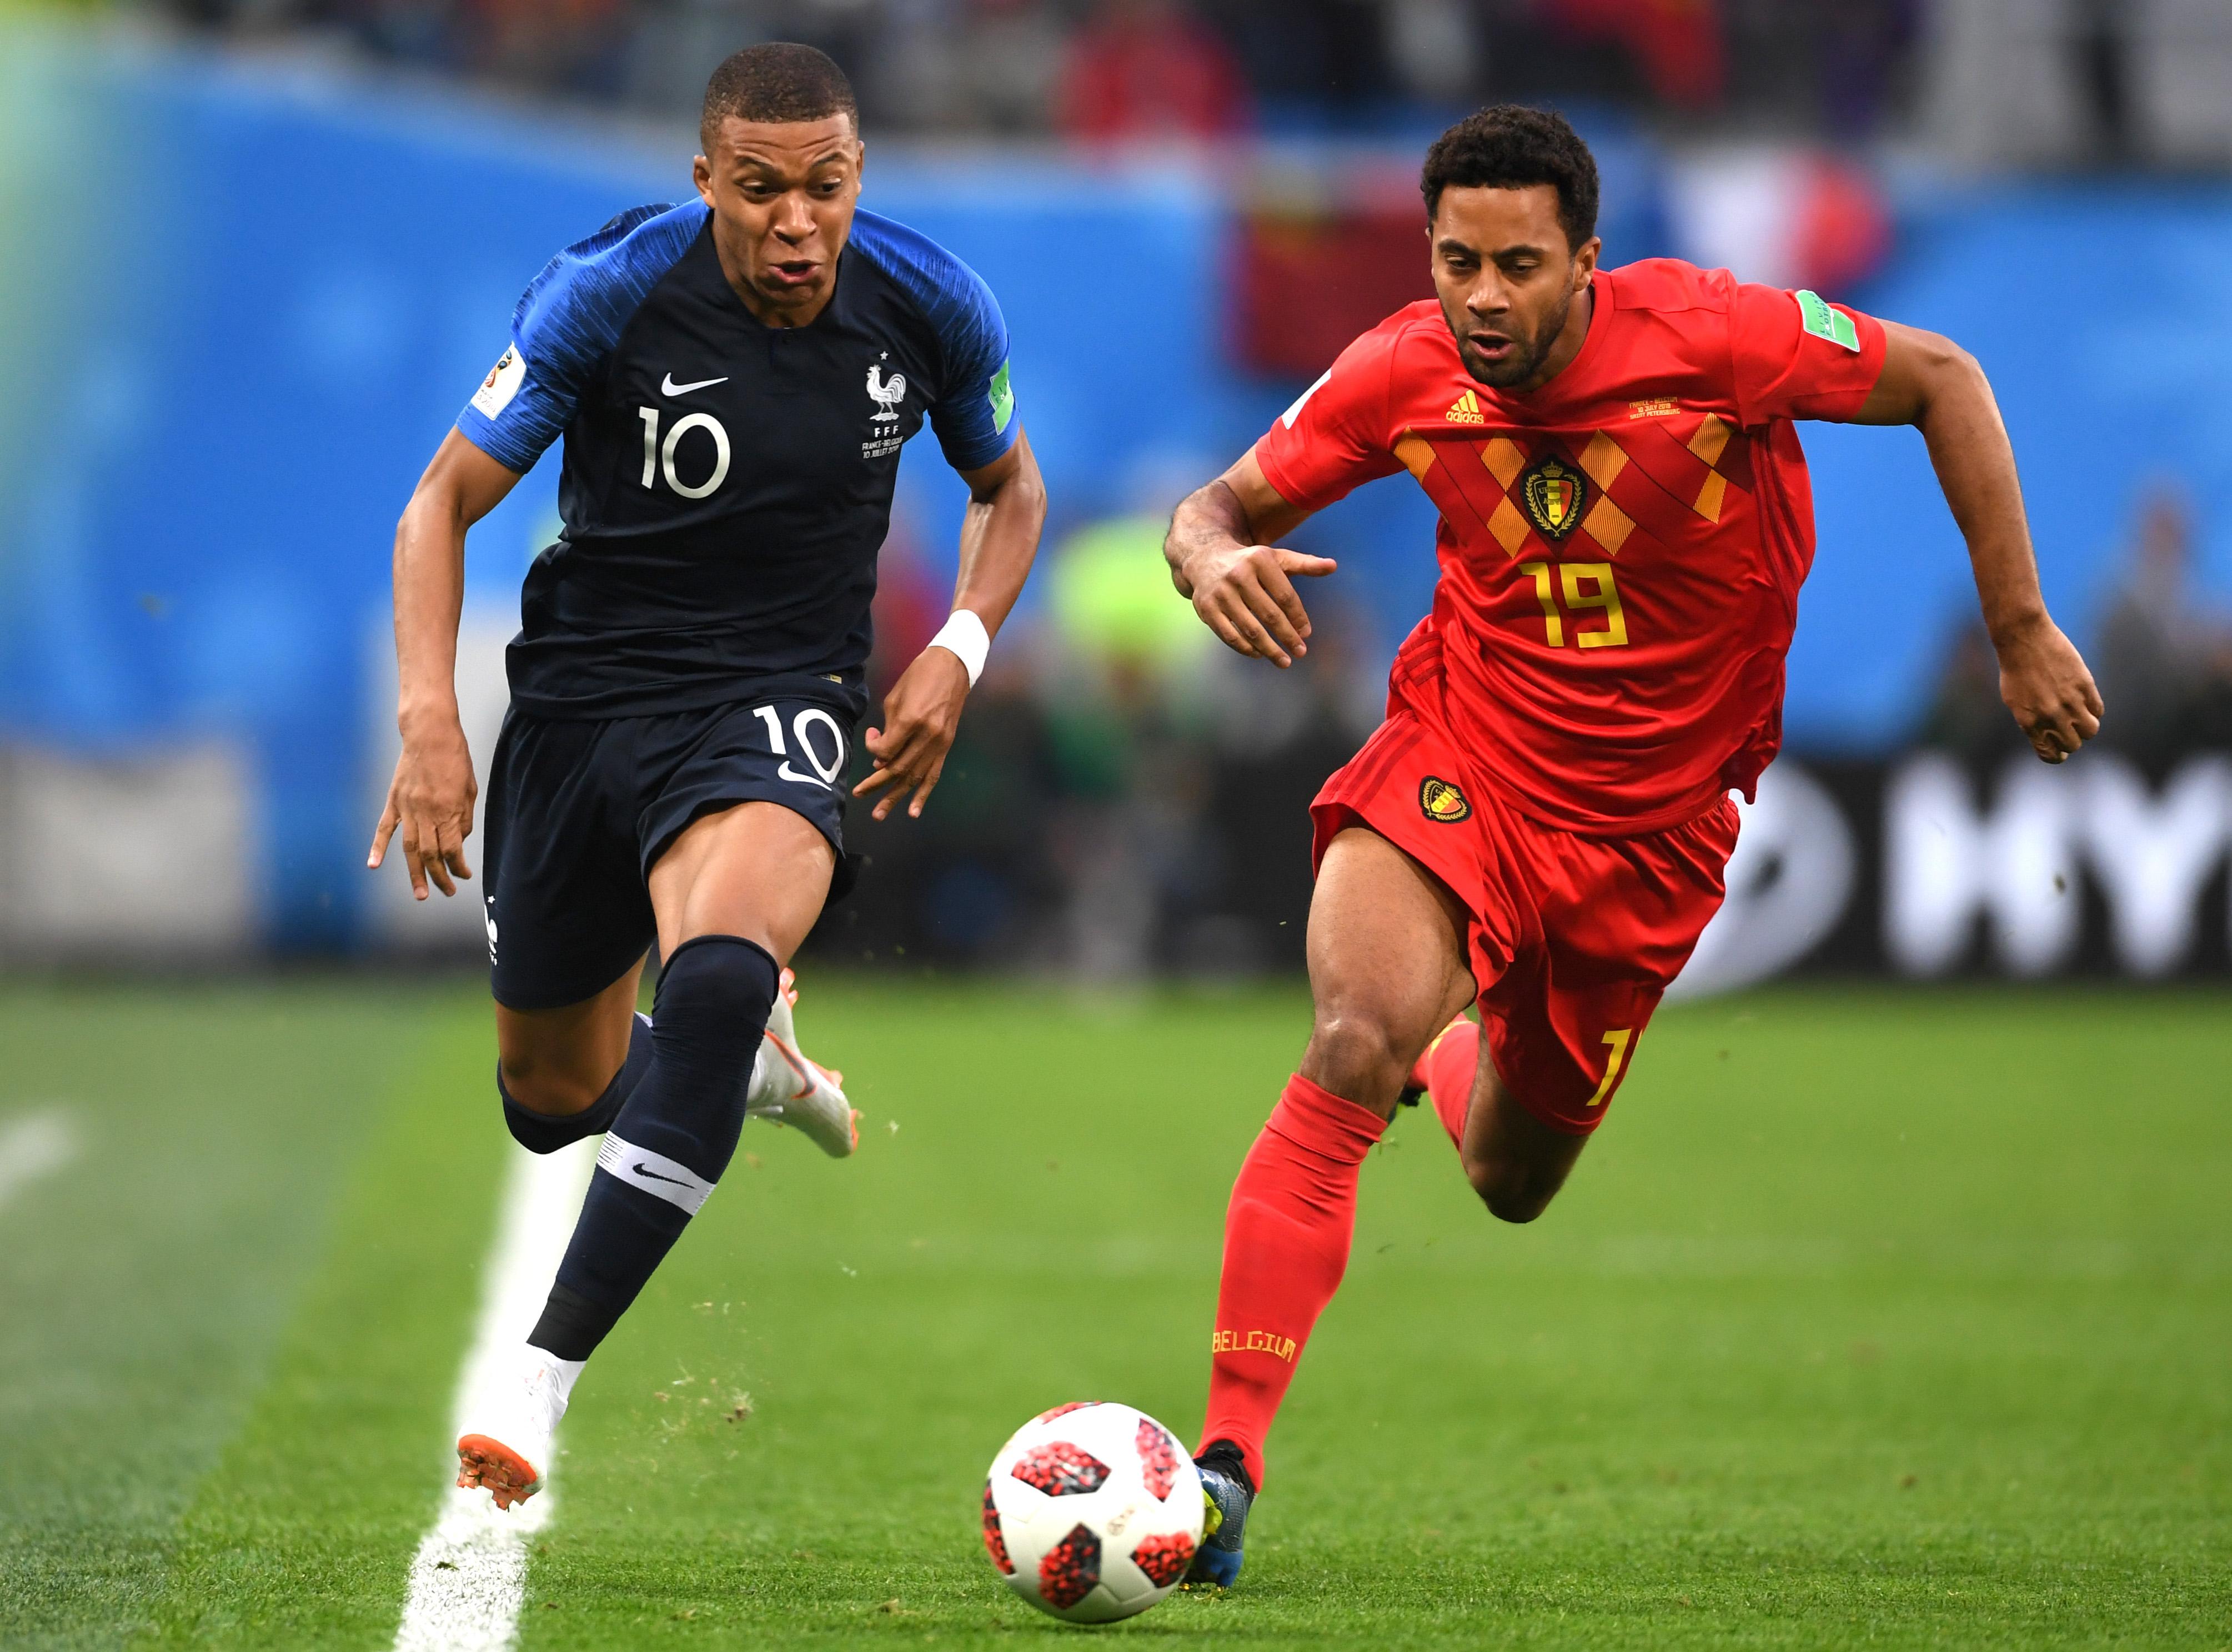 جام جهانی-فرانسه-بلژیک-نیمه نهایی